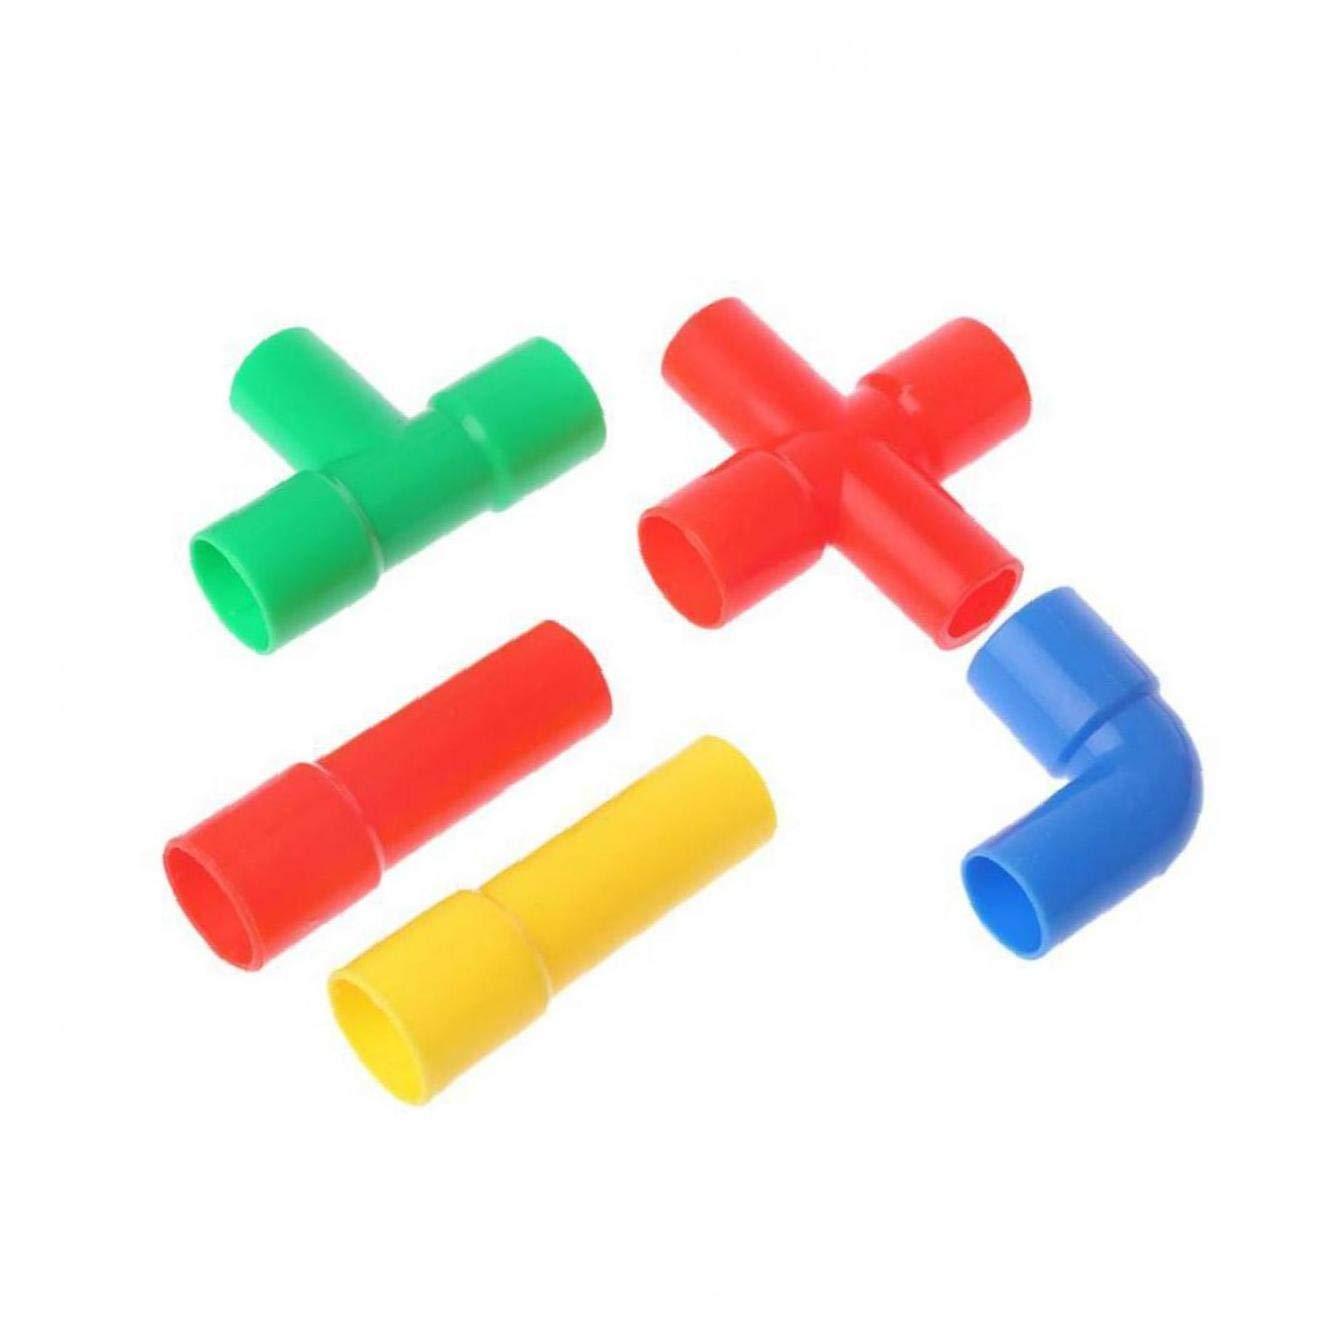 VlugTXcJ 1 Satz Bunte Geb/äude Rohrblocks DIY Pipeline Bl/öcke Interlocking BAU P/ädagogisches Spielzeug F/ür Kids Style 033